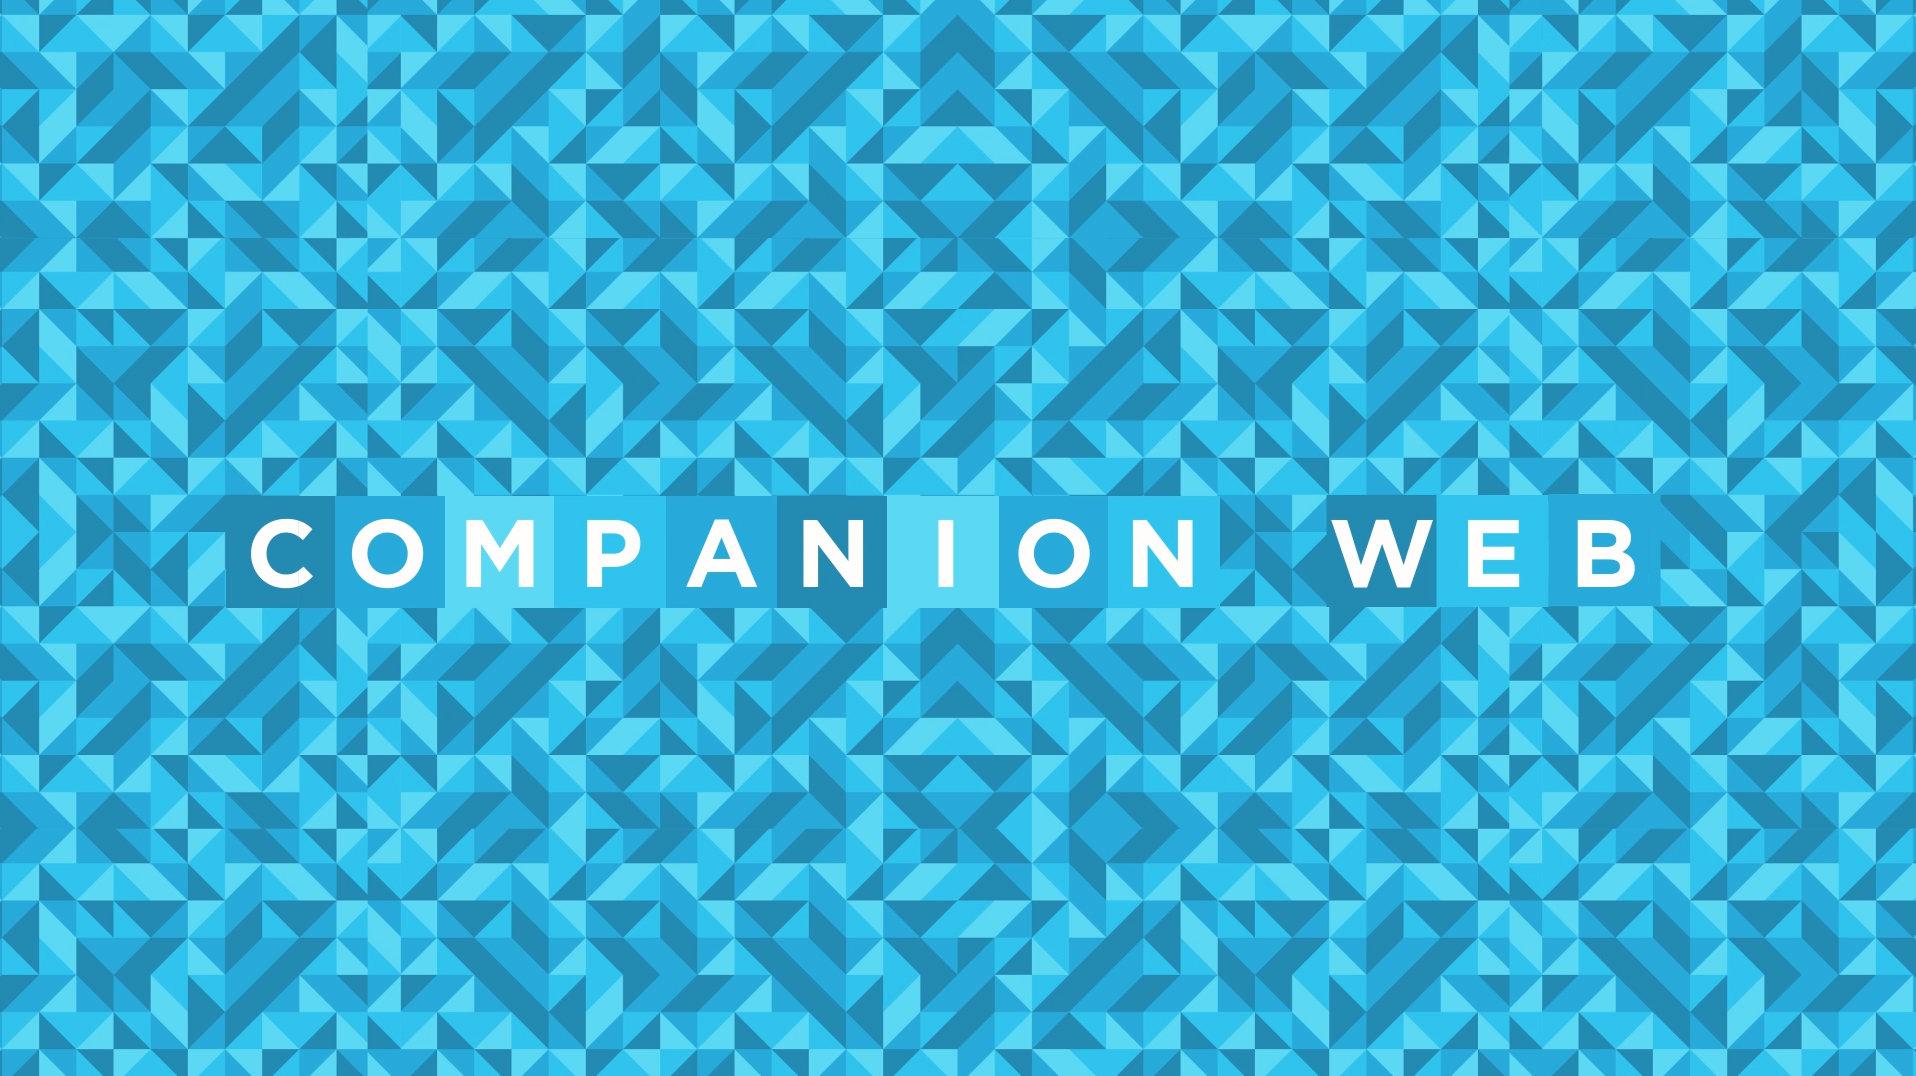 Companion Web